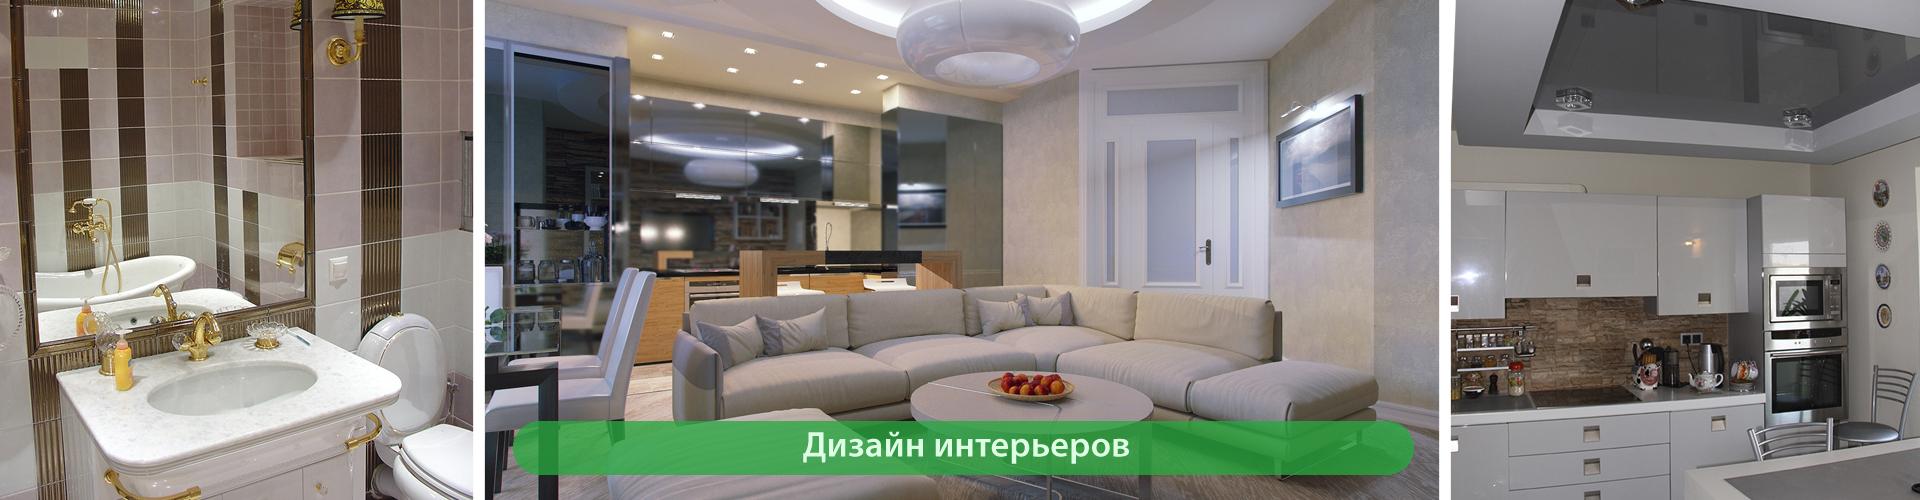 Частная студия элитного дизайна интерьера  в Москве